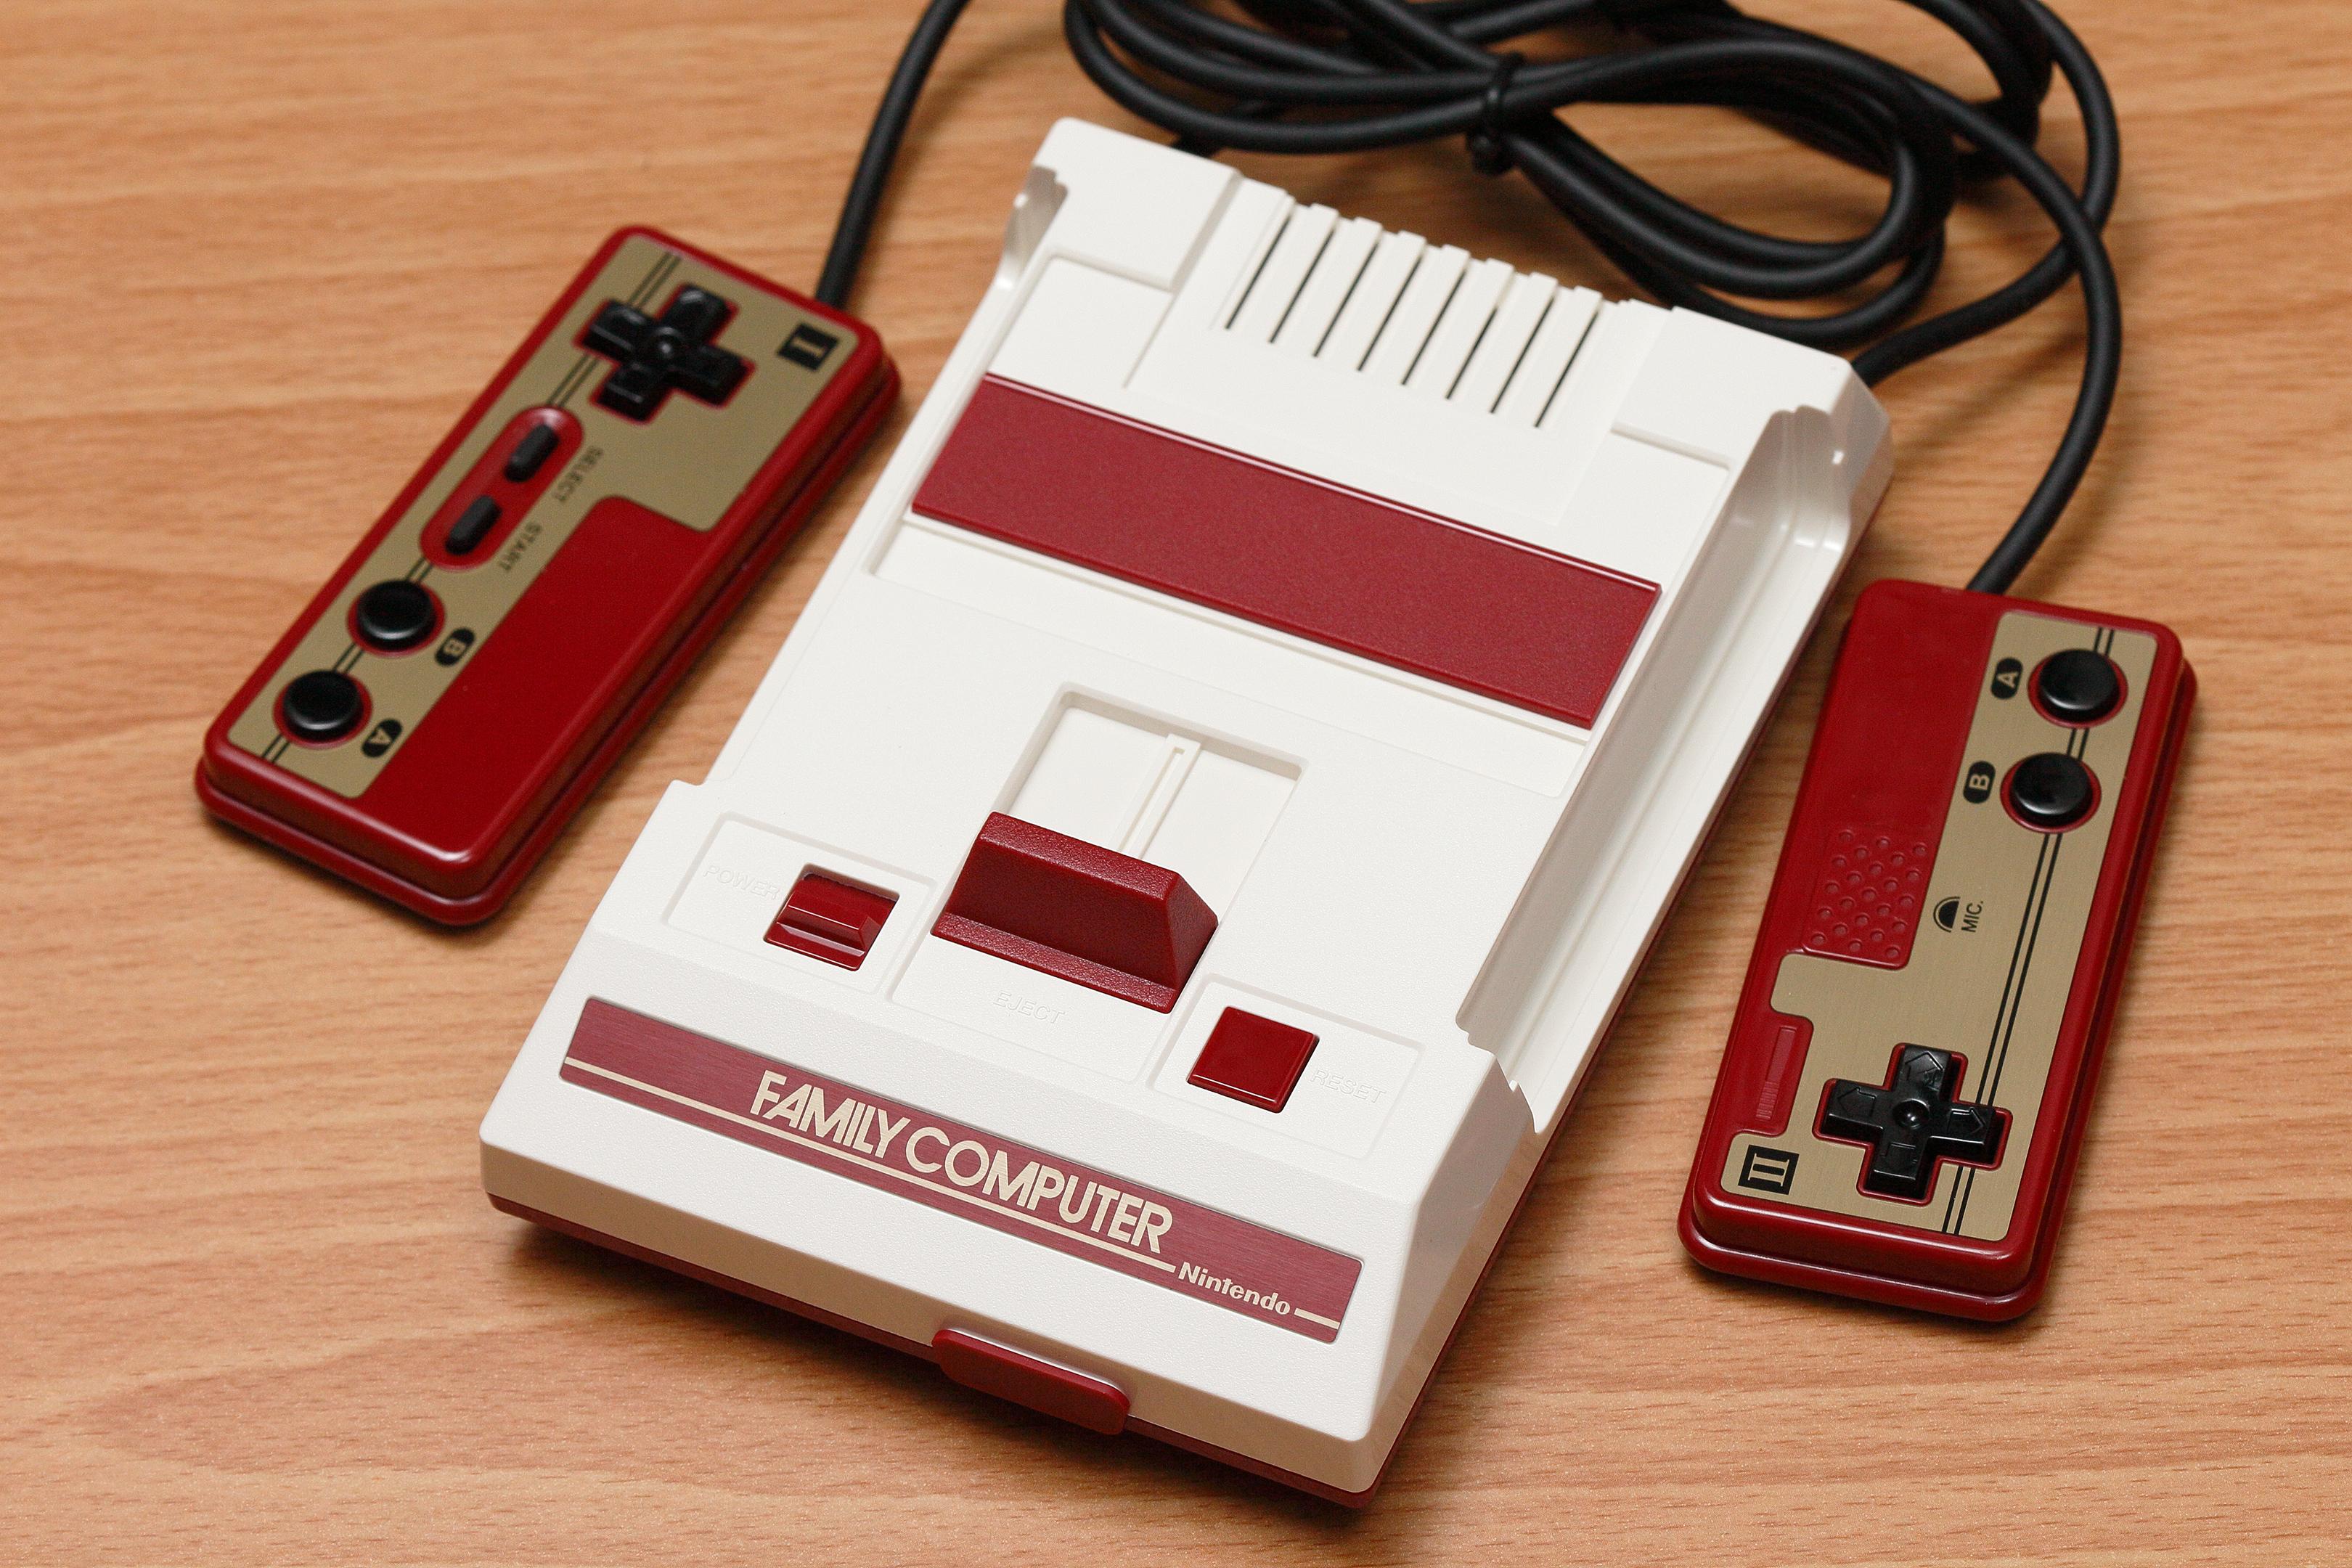 NES Classic Edition - Wikipedia